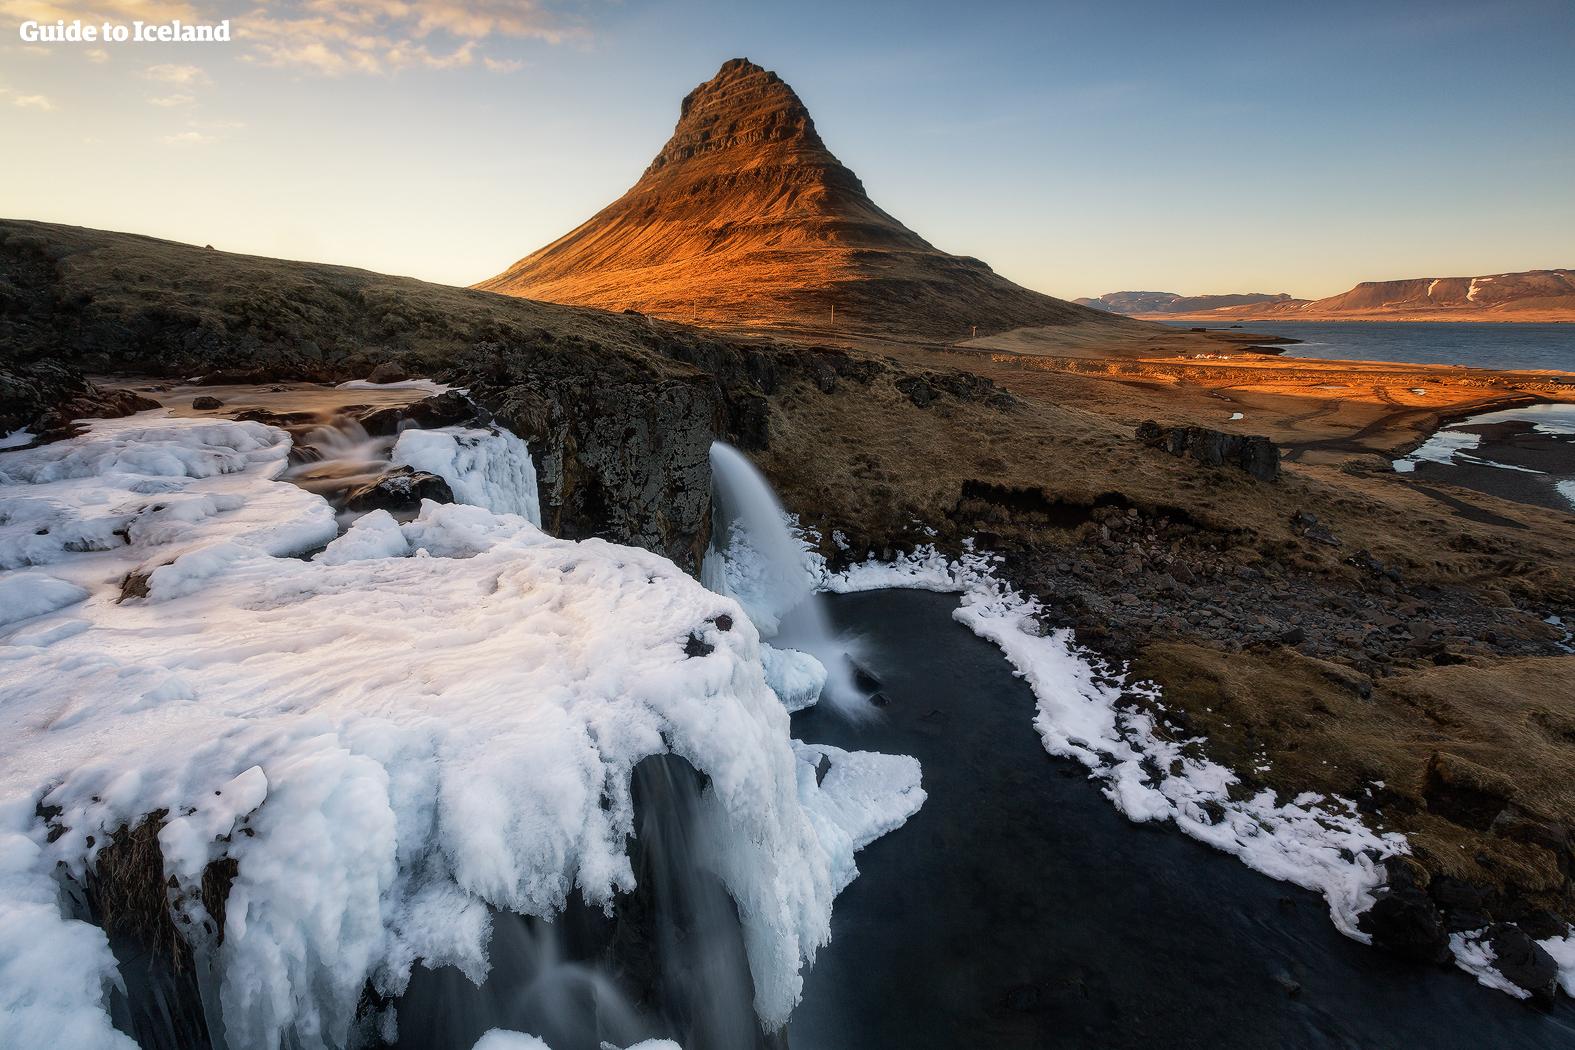 Udaj się na piękny półwysep Snæfellsnes i zobacz wspaniałe atrakcje, takie jak góra Kirkjufell.